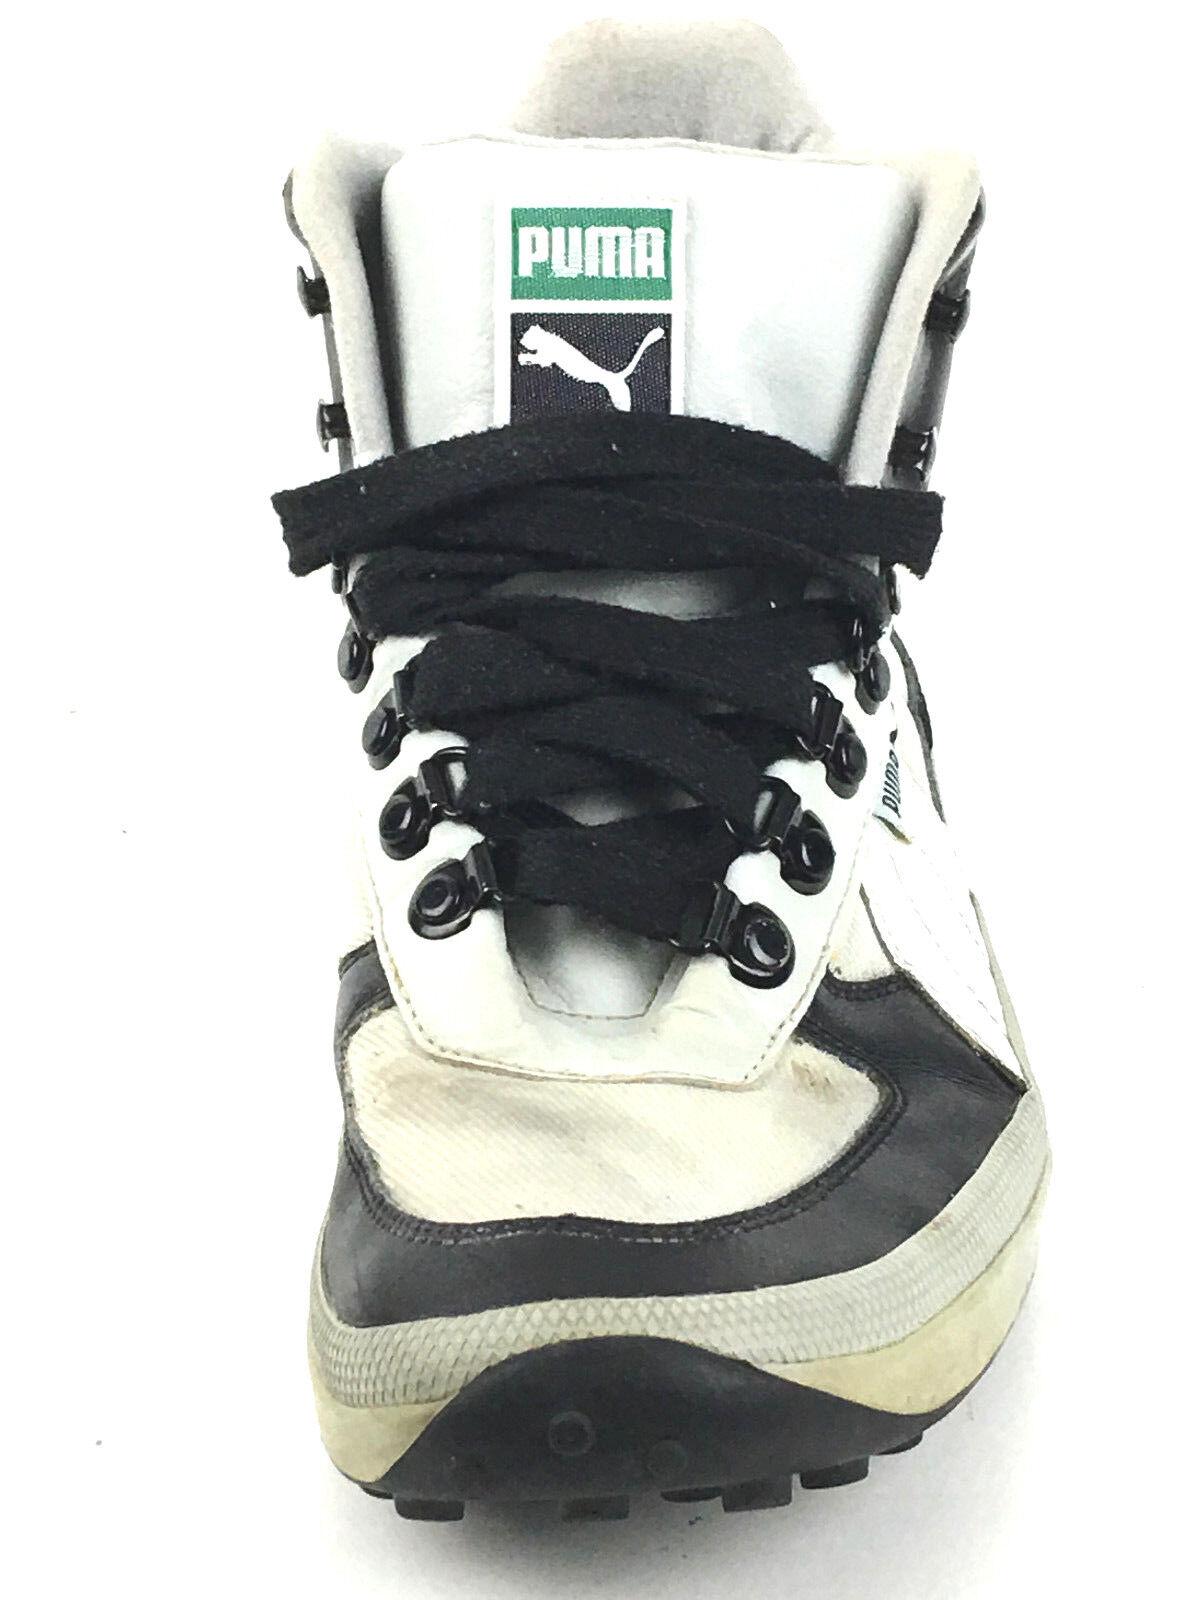 Puma Explorer 348597-01 vaporous grigio nero viola bianca bianca bianca Dimensione US.9 UK.8 EUR.42 ce7f23